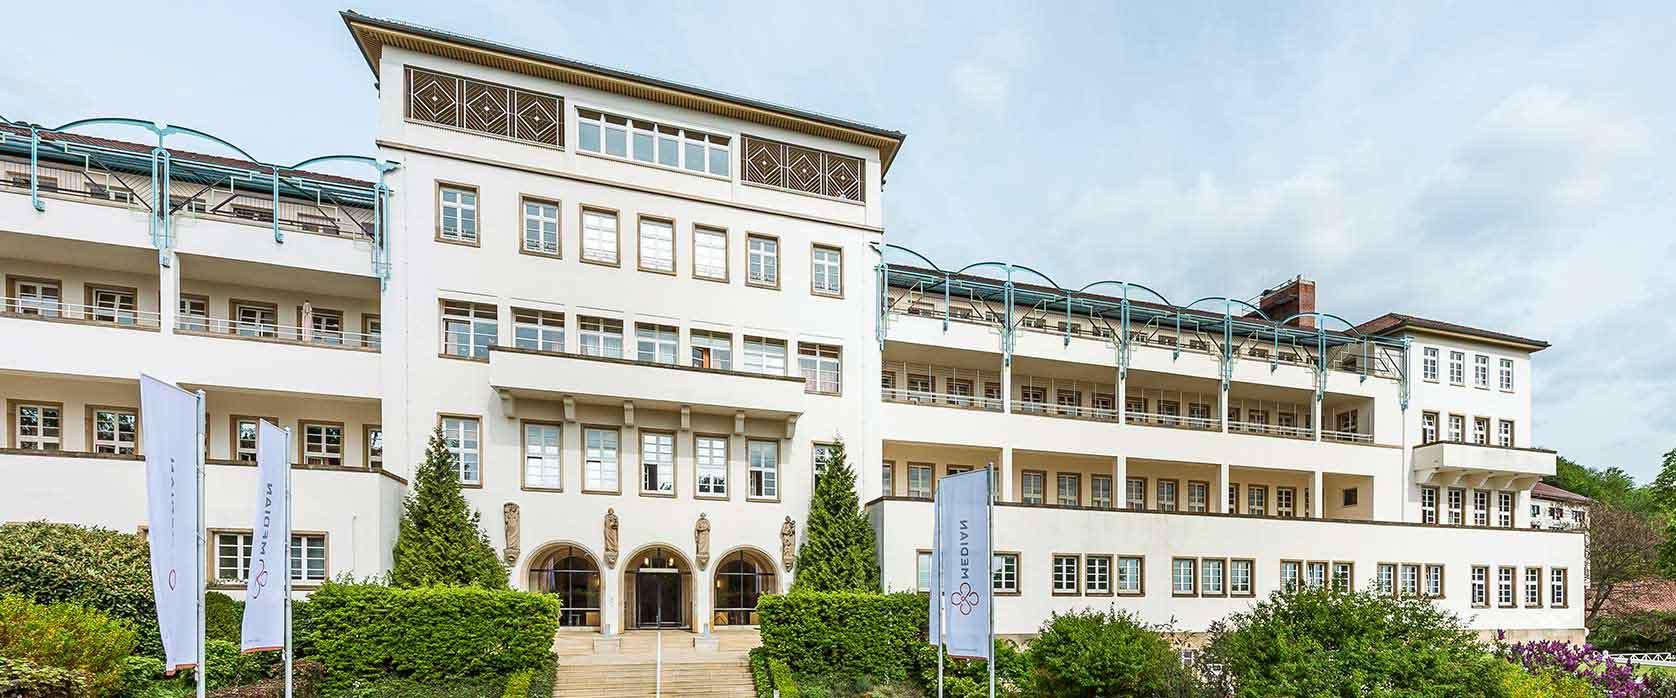 Sonnenwende Aussenansicht des Gebäudes der MEDIAN Klinik Sonnenwende Bad Dürkheim